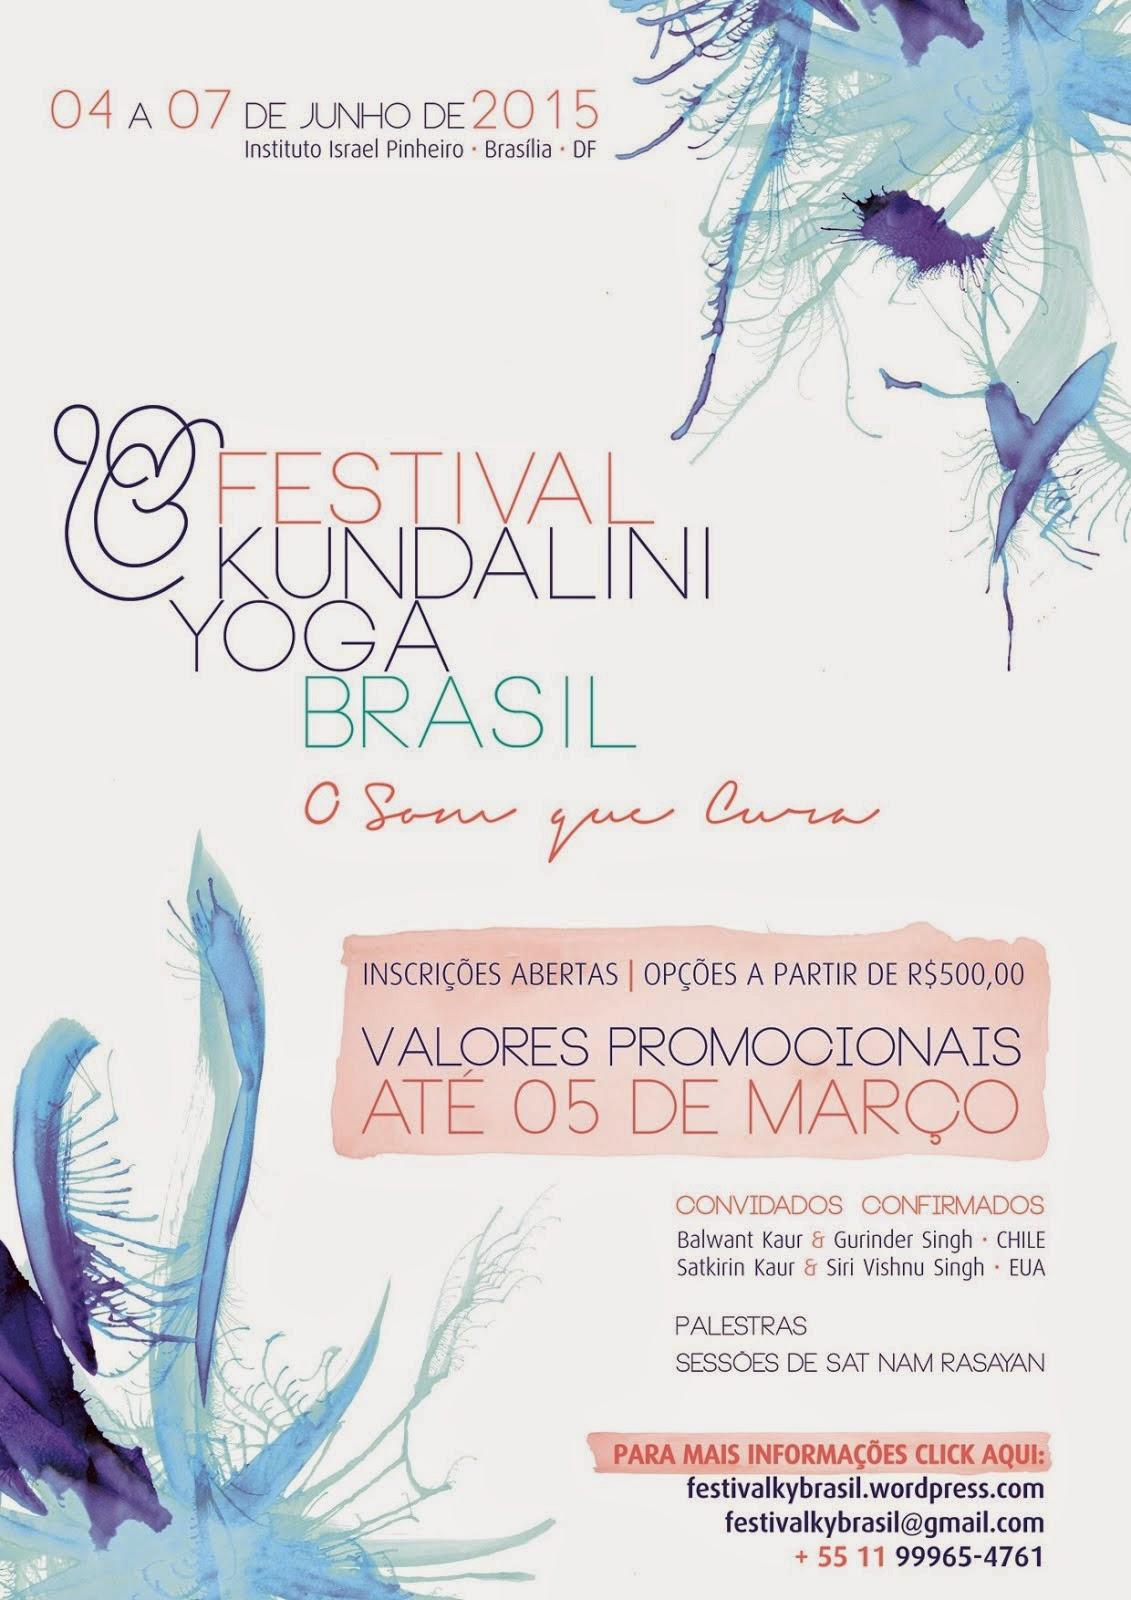 Festival de Kundalini Yoga -  O Som que Cura